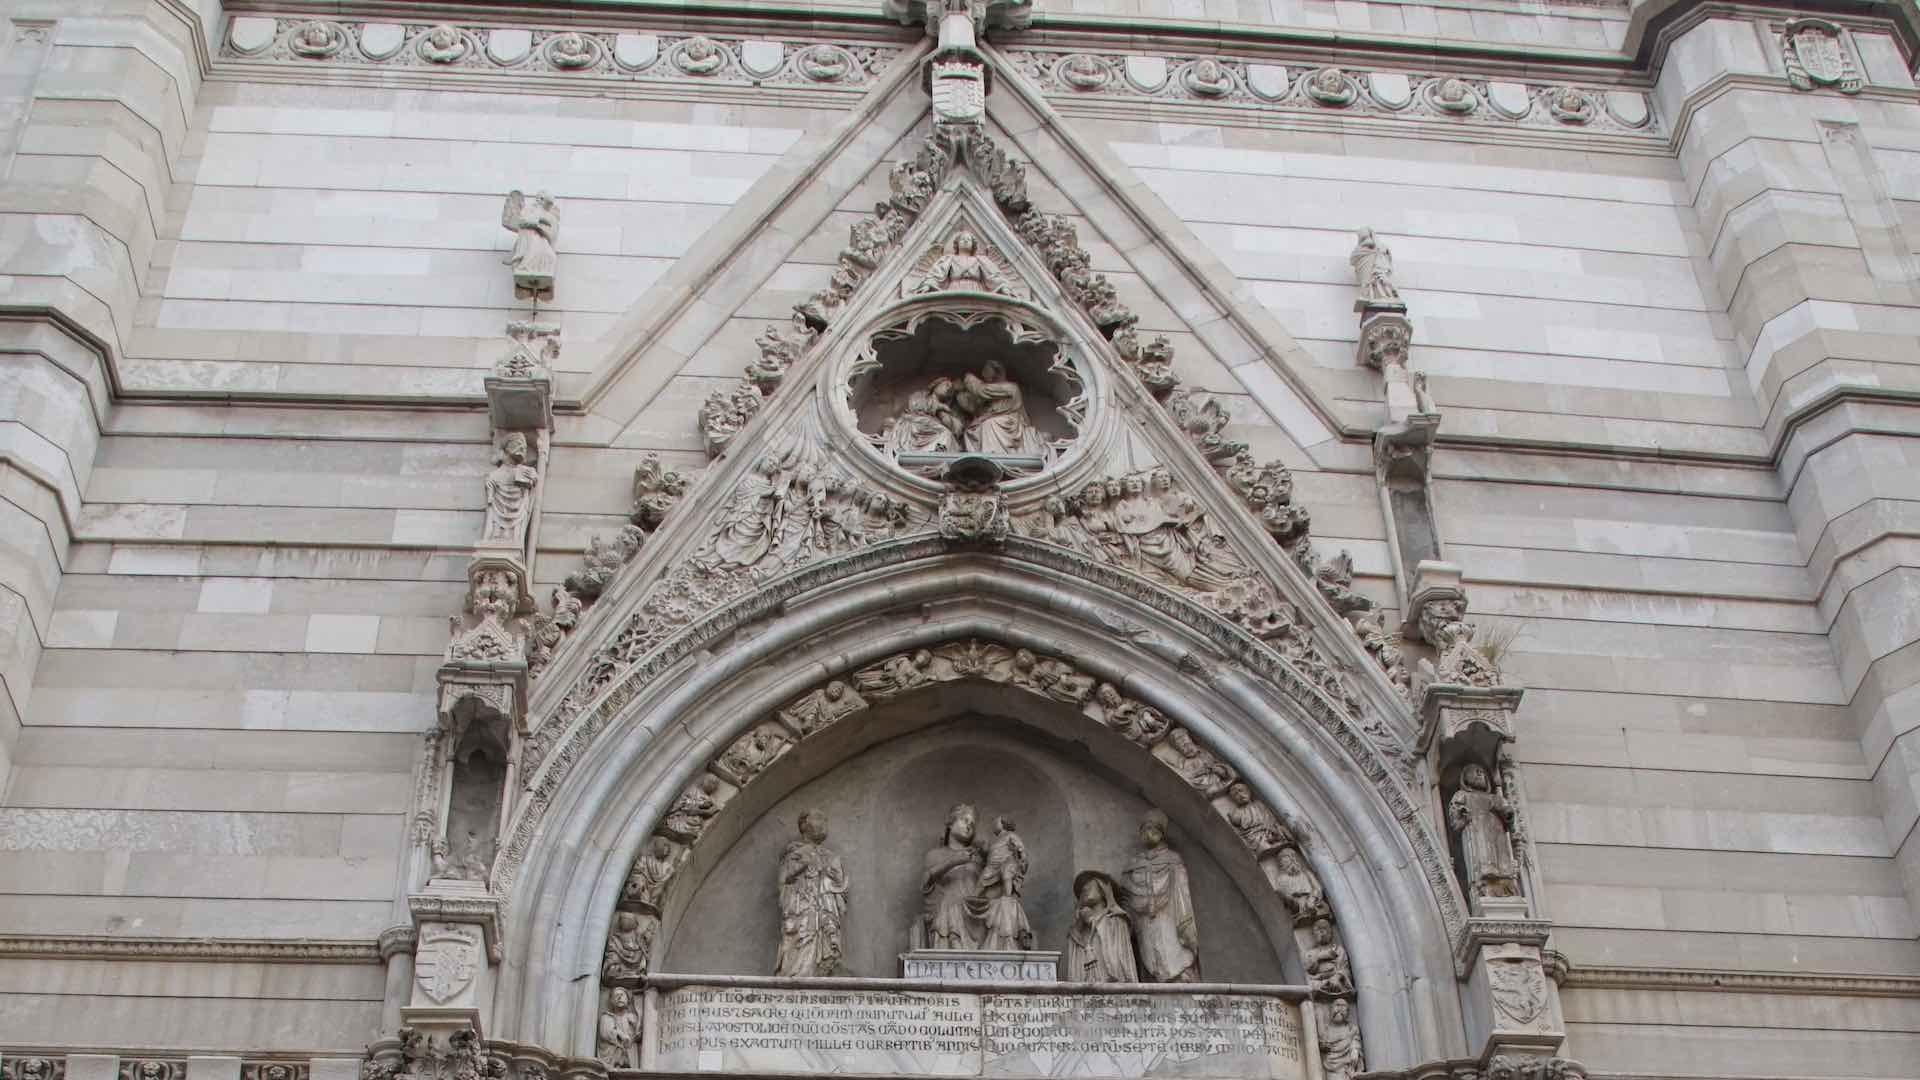 Dettaglio della facciata del Duomo di Napoli